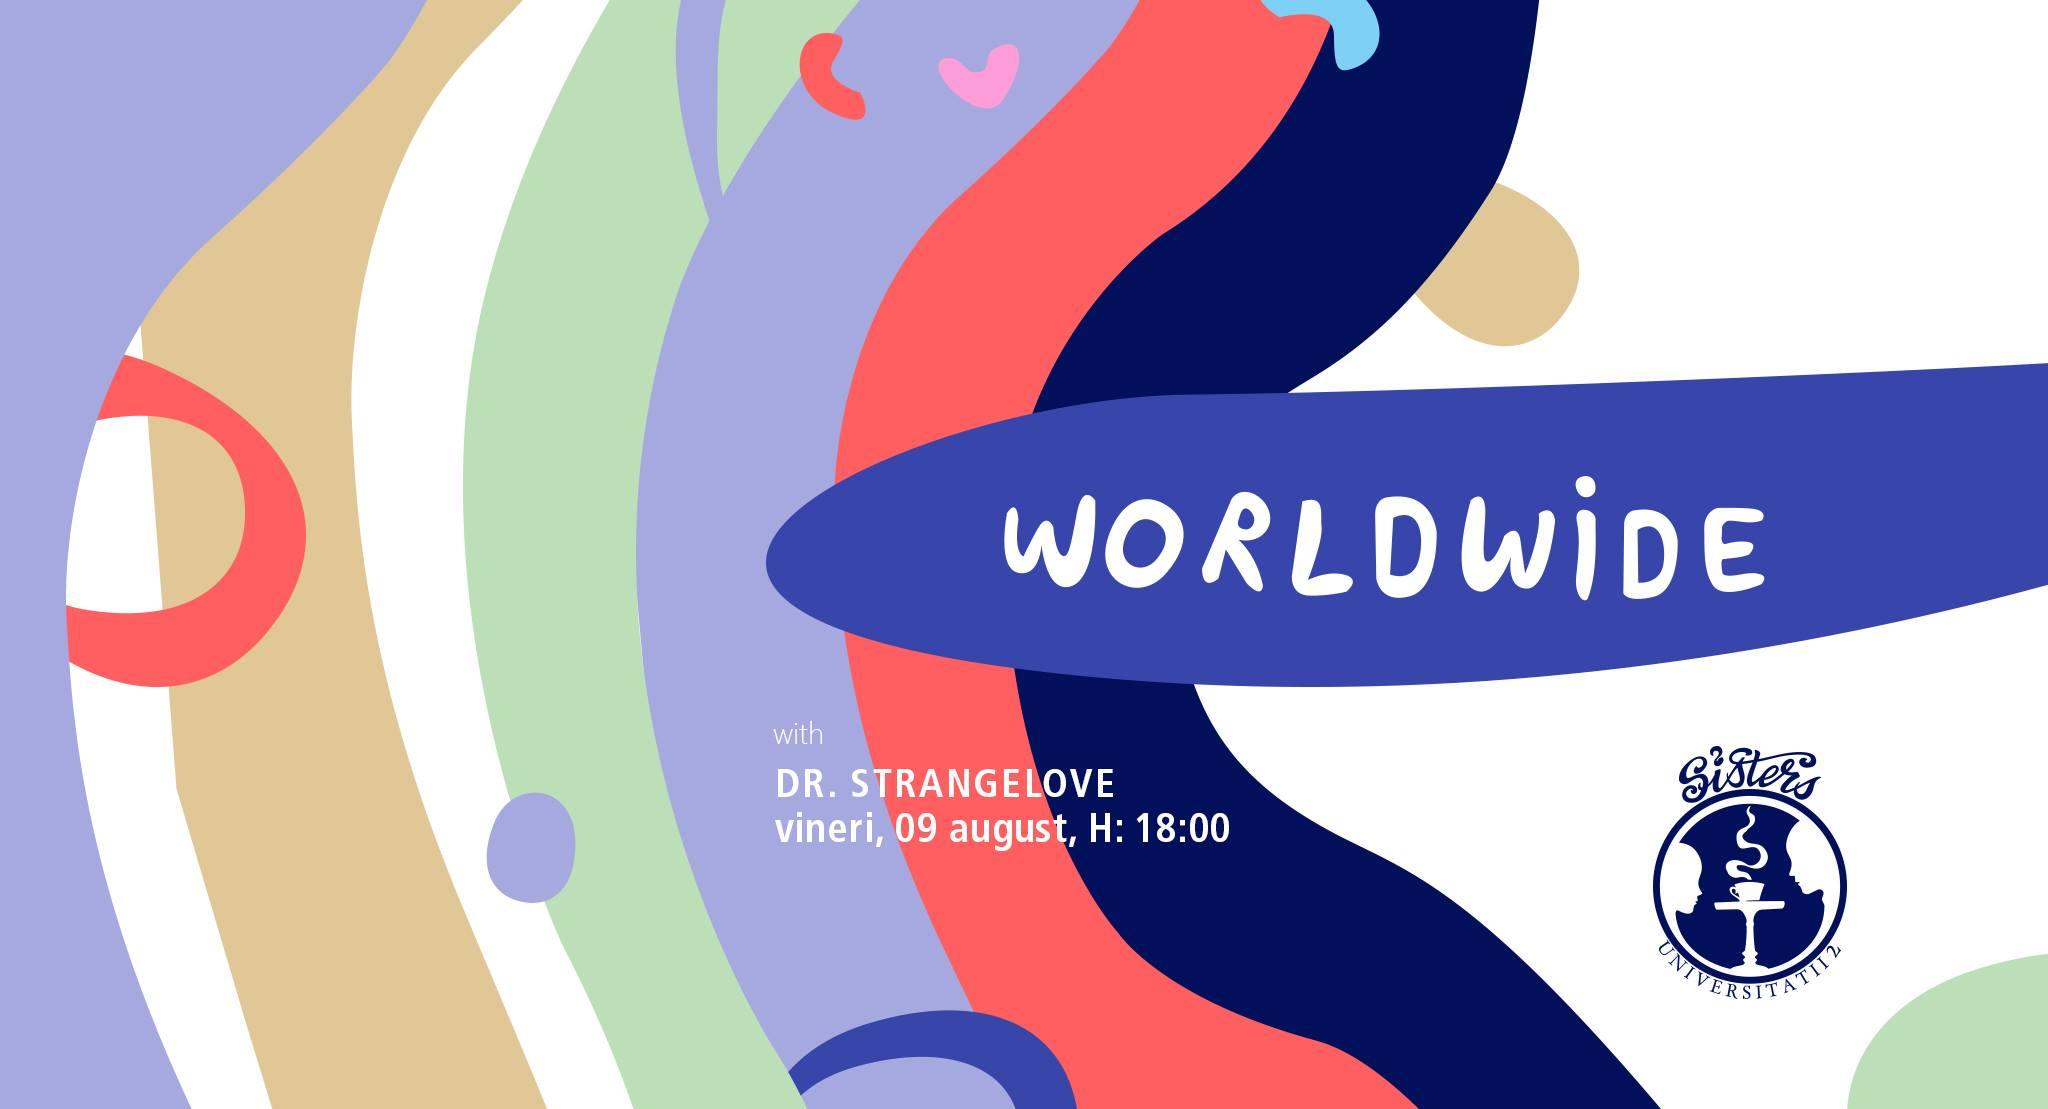 Worldwide with Dr. Strangelove